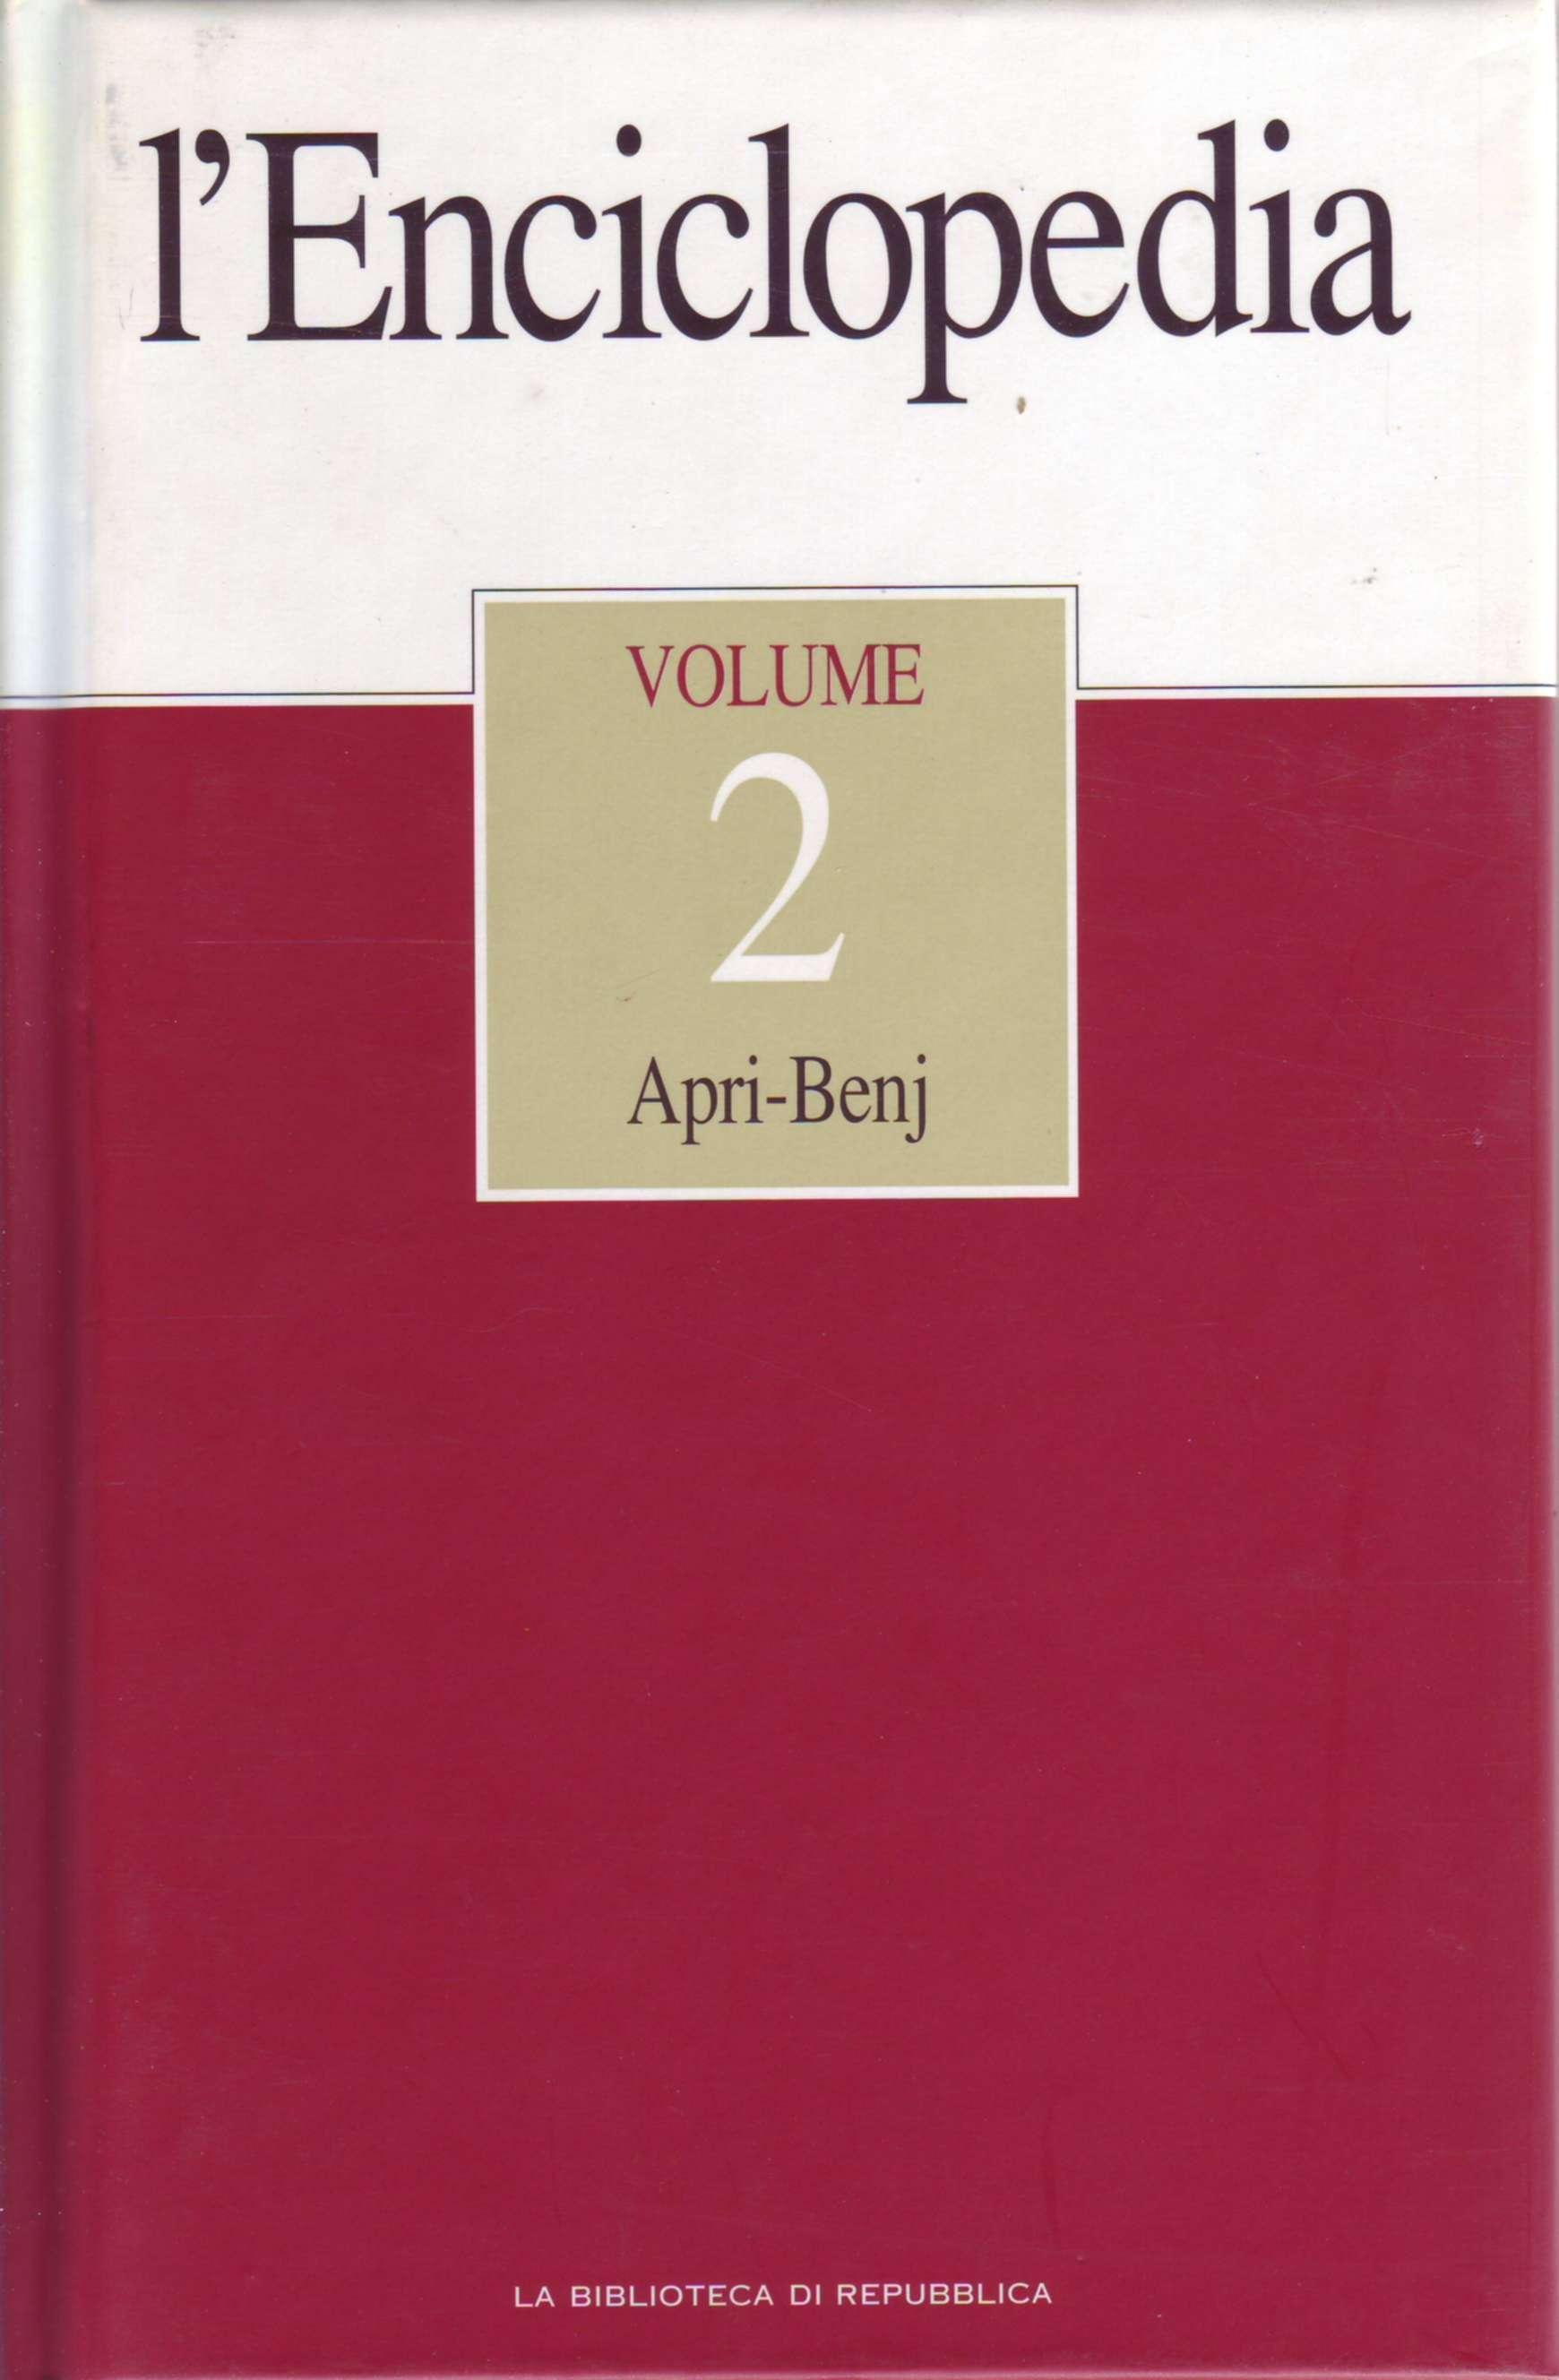 L'Enciclopedia - Vol. 2